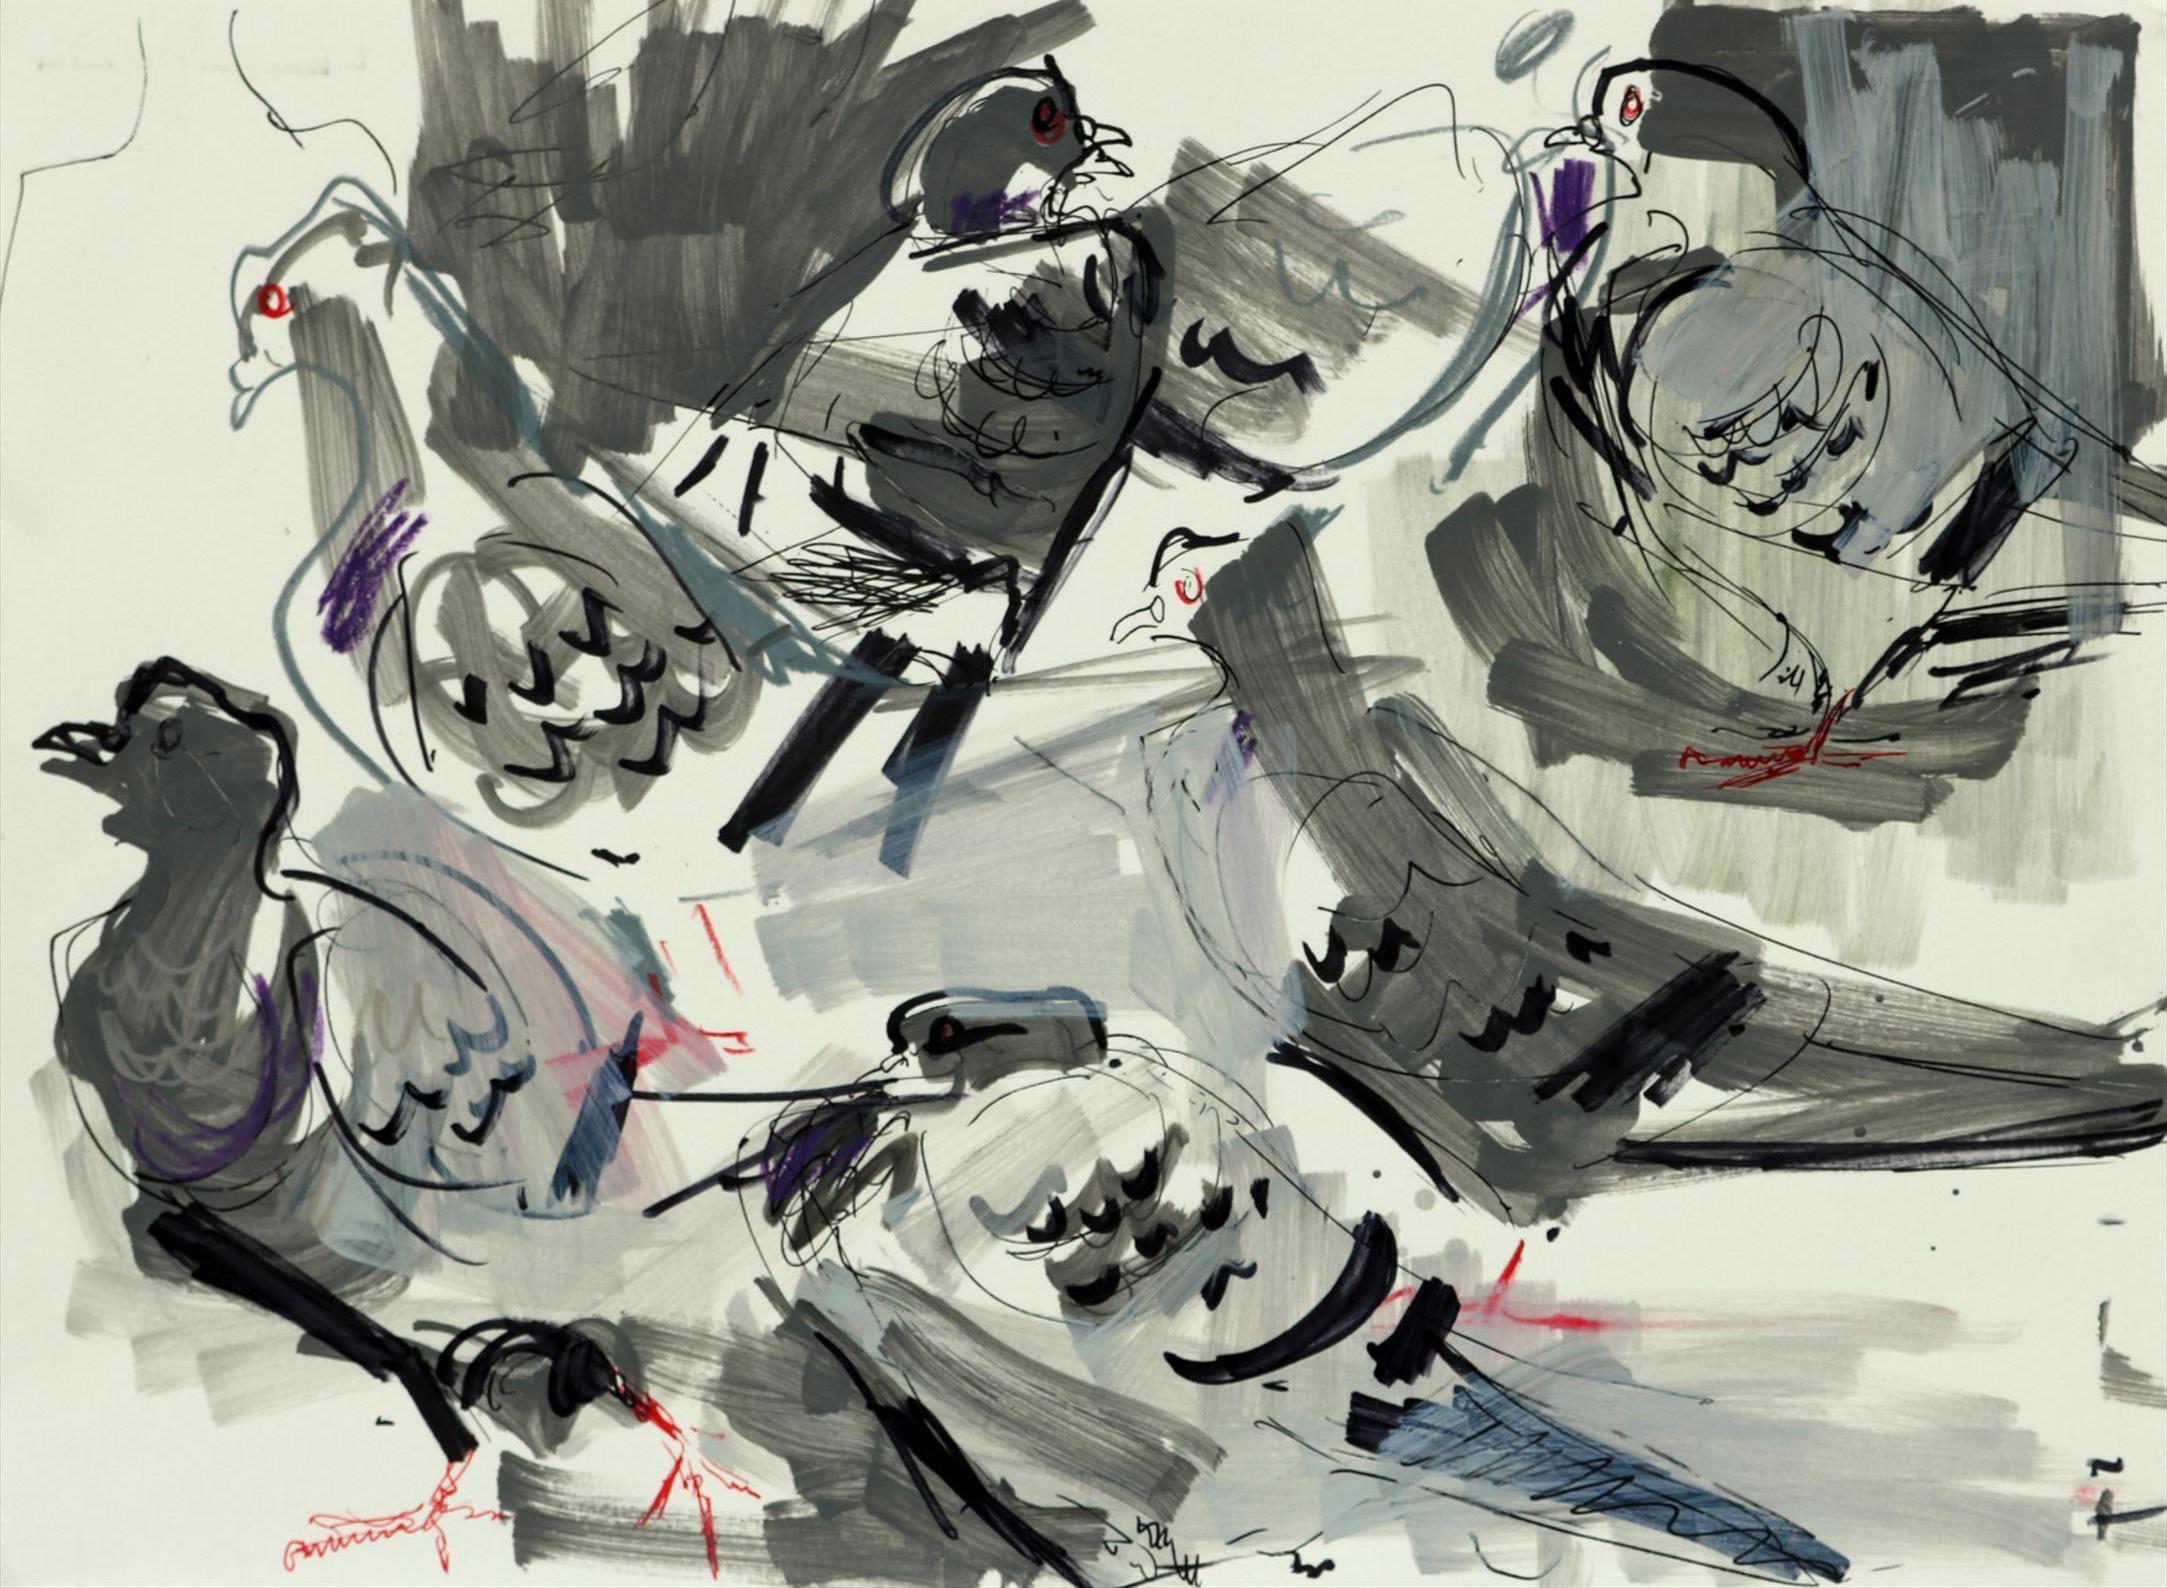 <p>Feral Pigeons 2 by Nik Pollard</p>